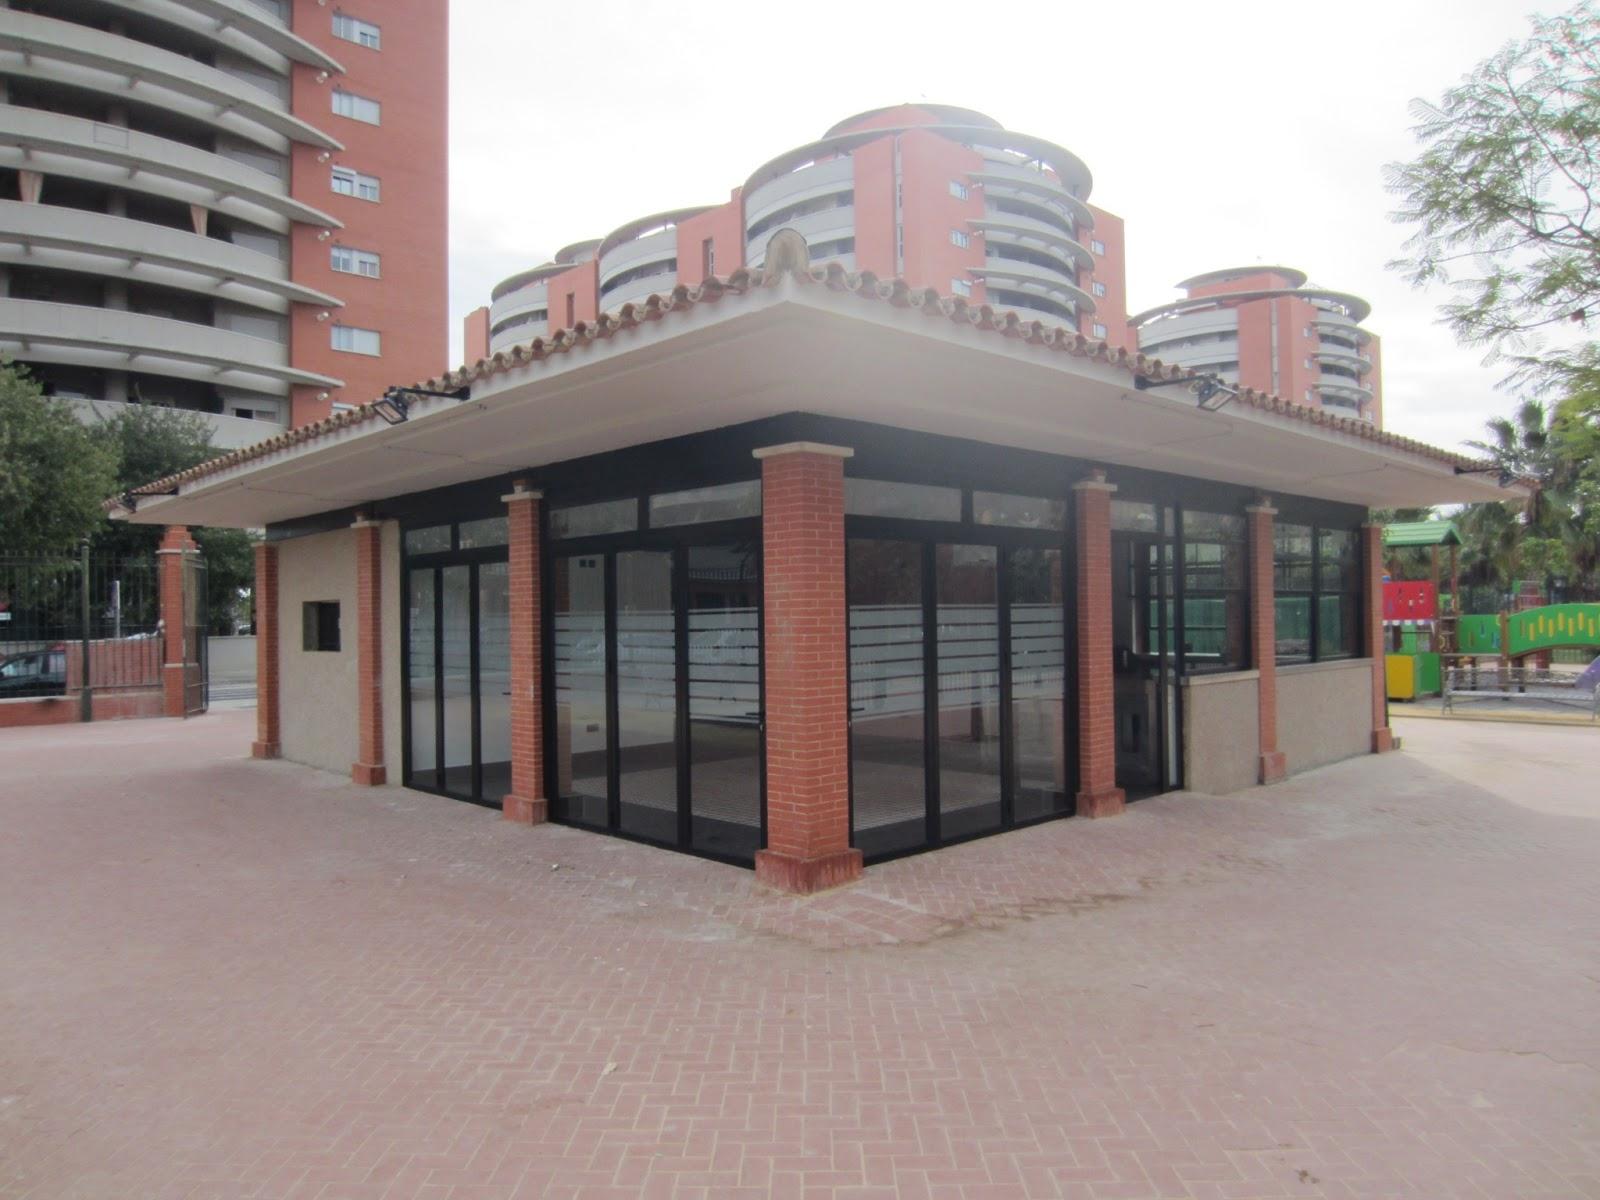 Arquibox inaugurada sede asociaci n de vecinos jardines de h rcules sevilla a o 2012 - Jardines de hercules sevilla ...